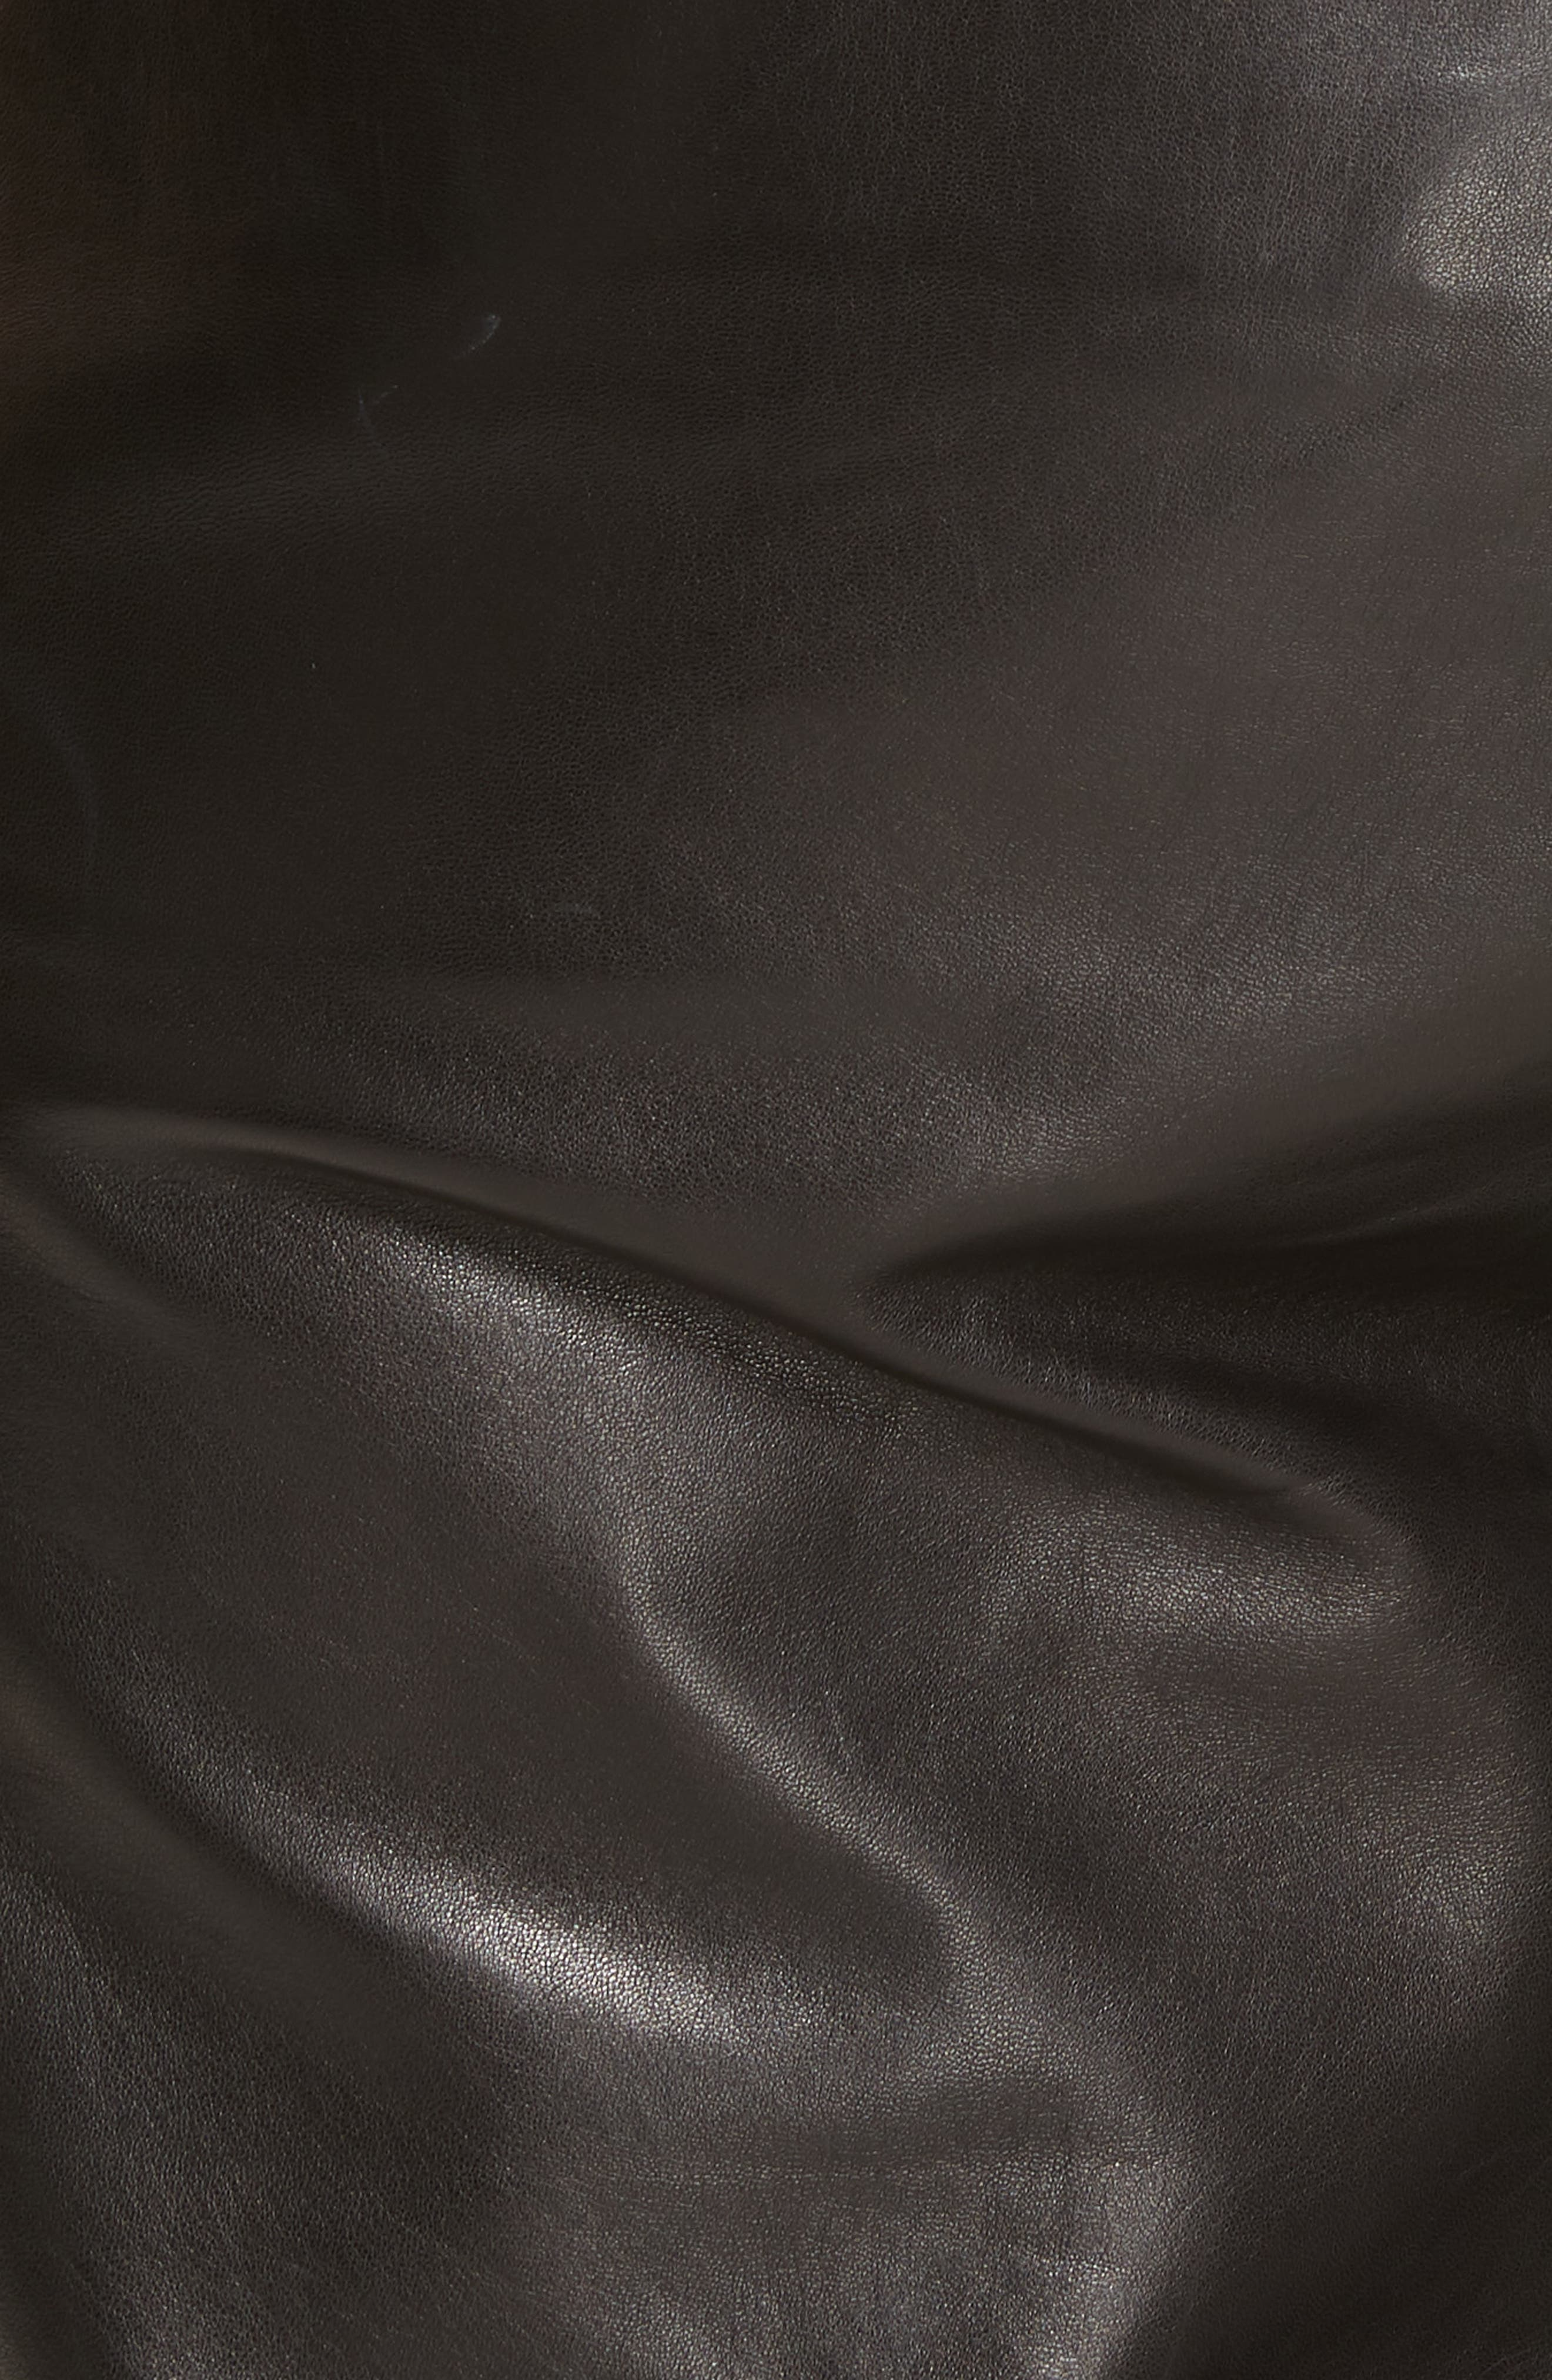 Faxon Leather Pants,                             Alternate thumbnail 5, color,                             001